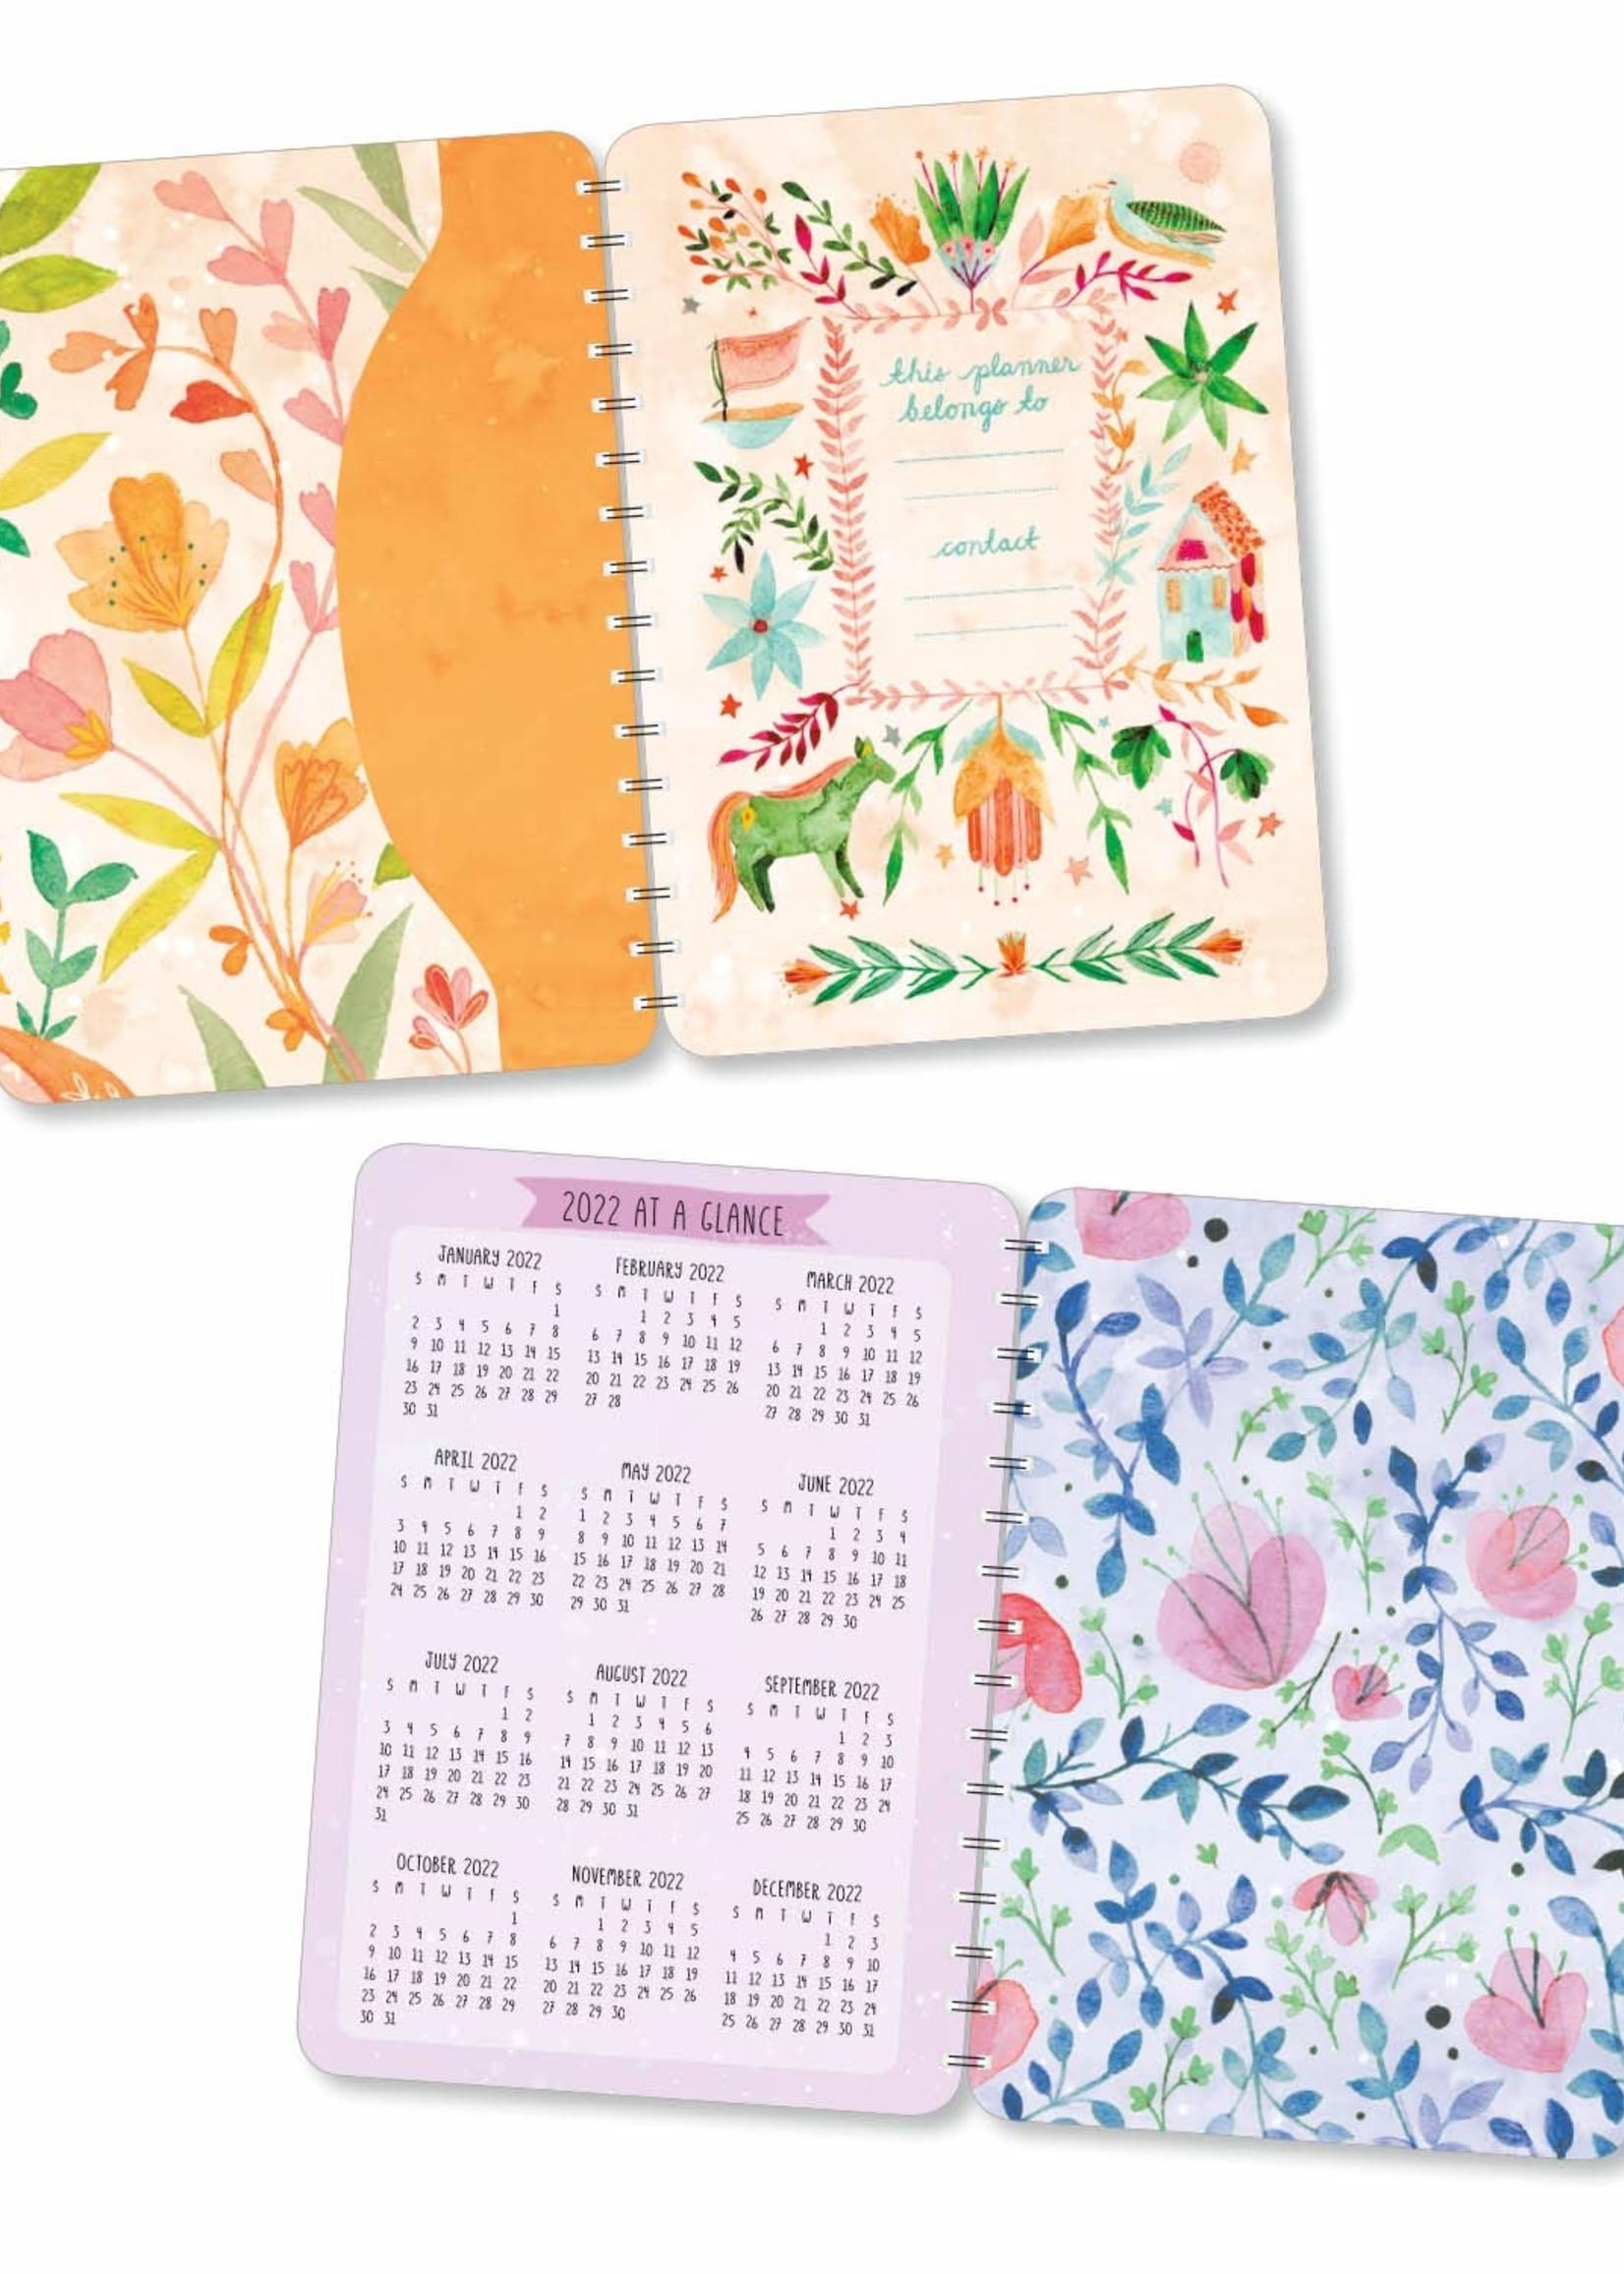 Cal 21 Weekly Planner Meera Lee Patel